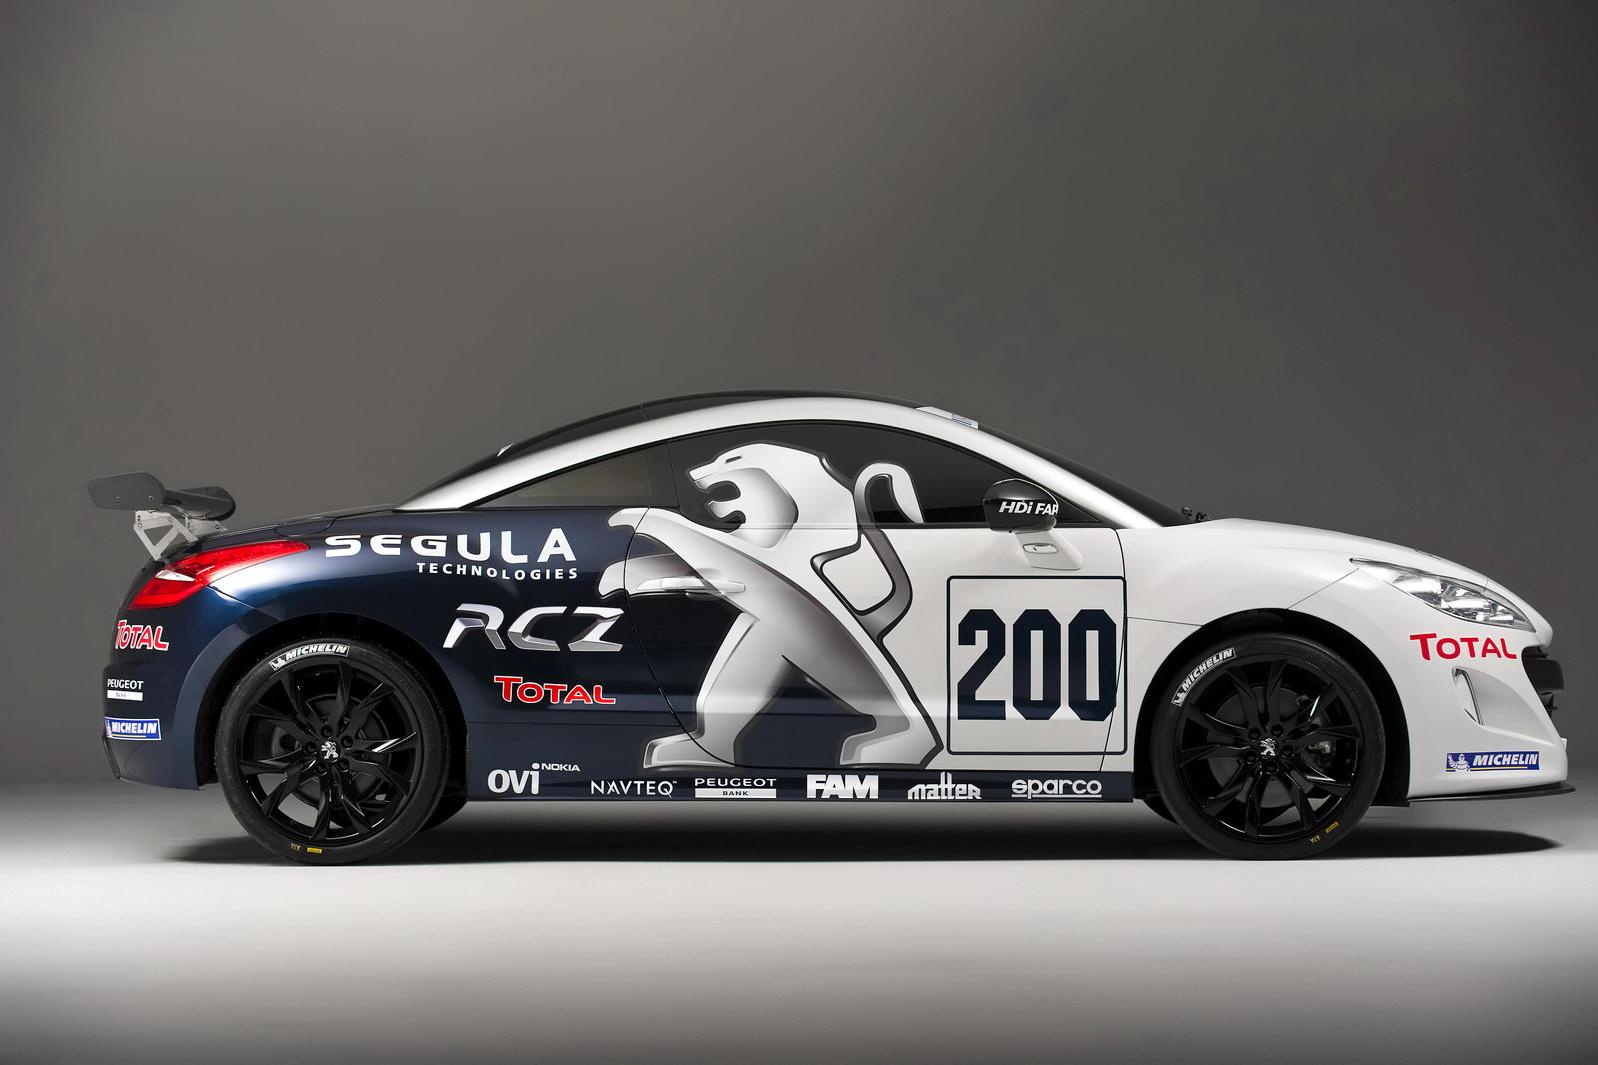 http://3.bp.blogspot.com/_FoXyvaPSnVk/S79FkKgtzUI/AAAAAAACuo4/NSNlpsV5Di0/s1600/Peugeot-RCZ-1.jpg